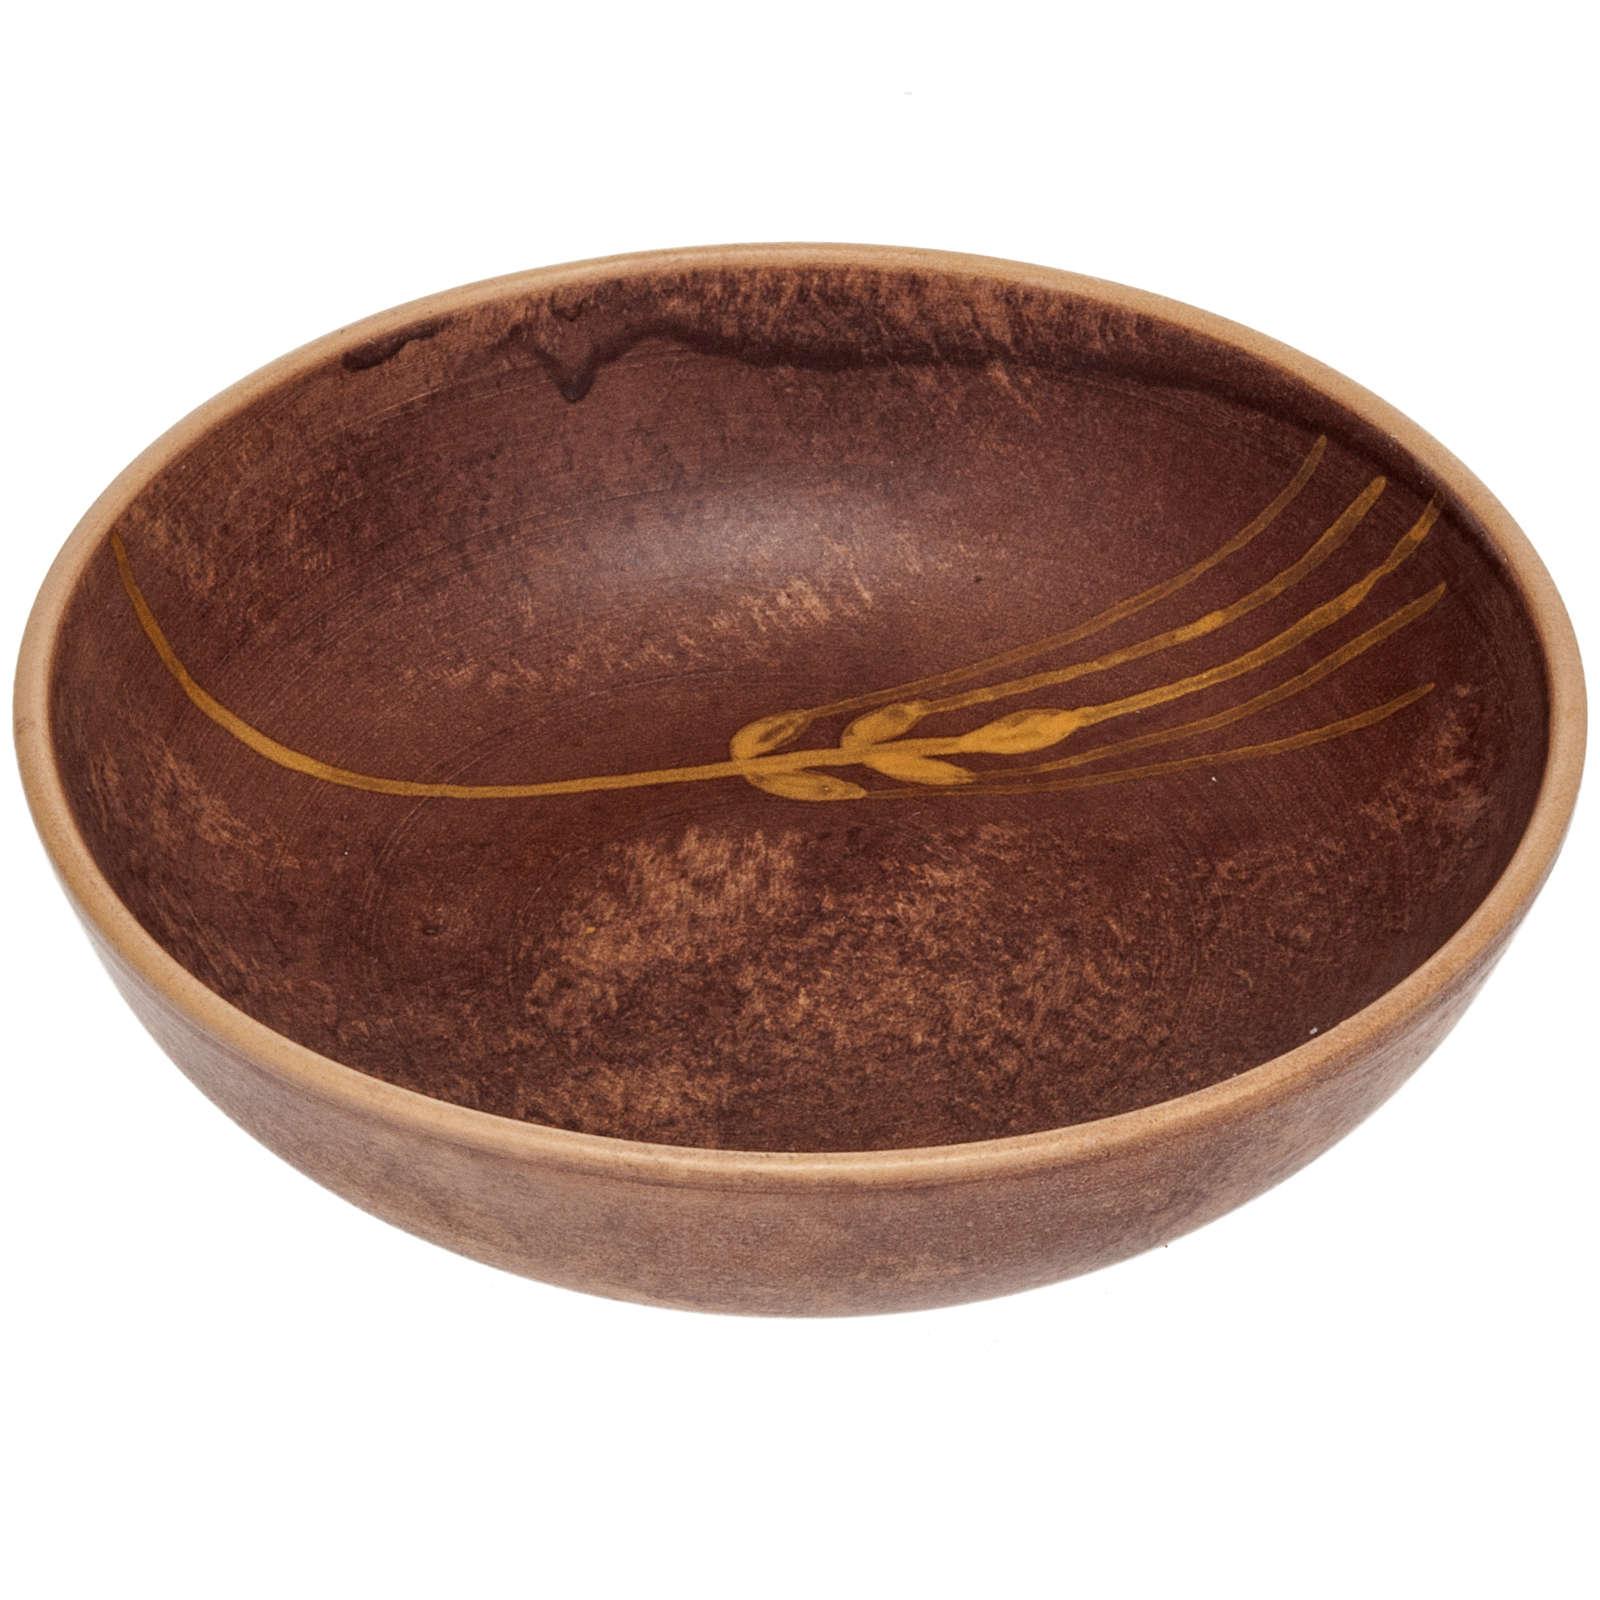 Patène en céramique cuir, 16 cm 4